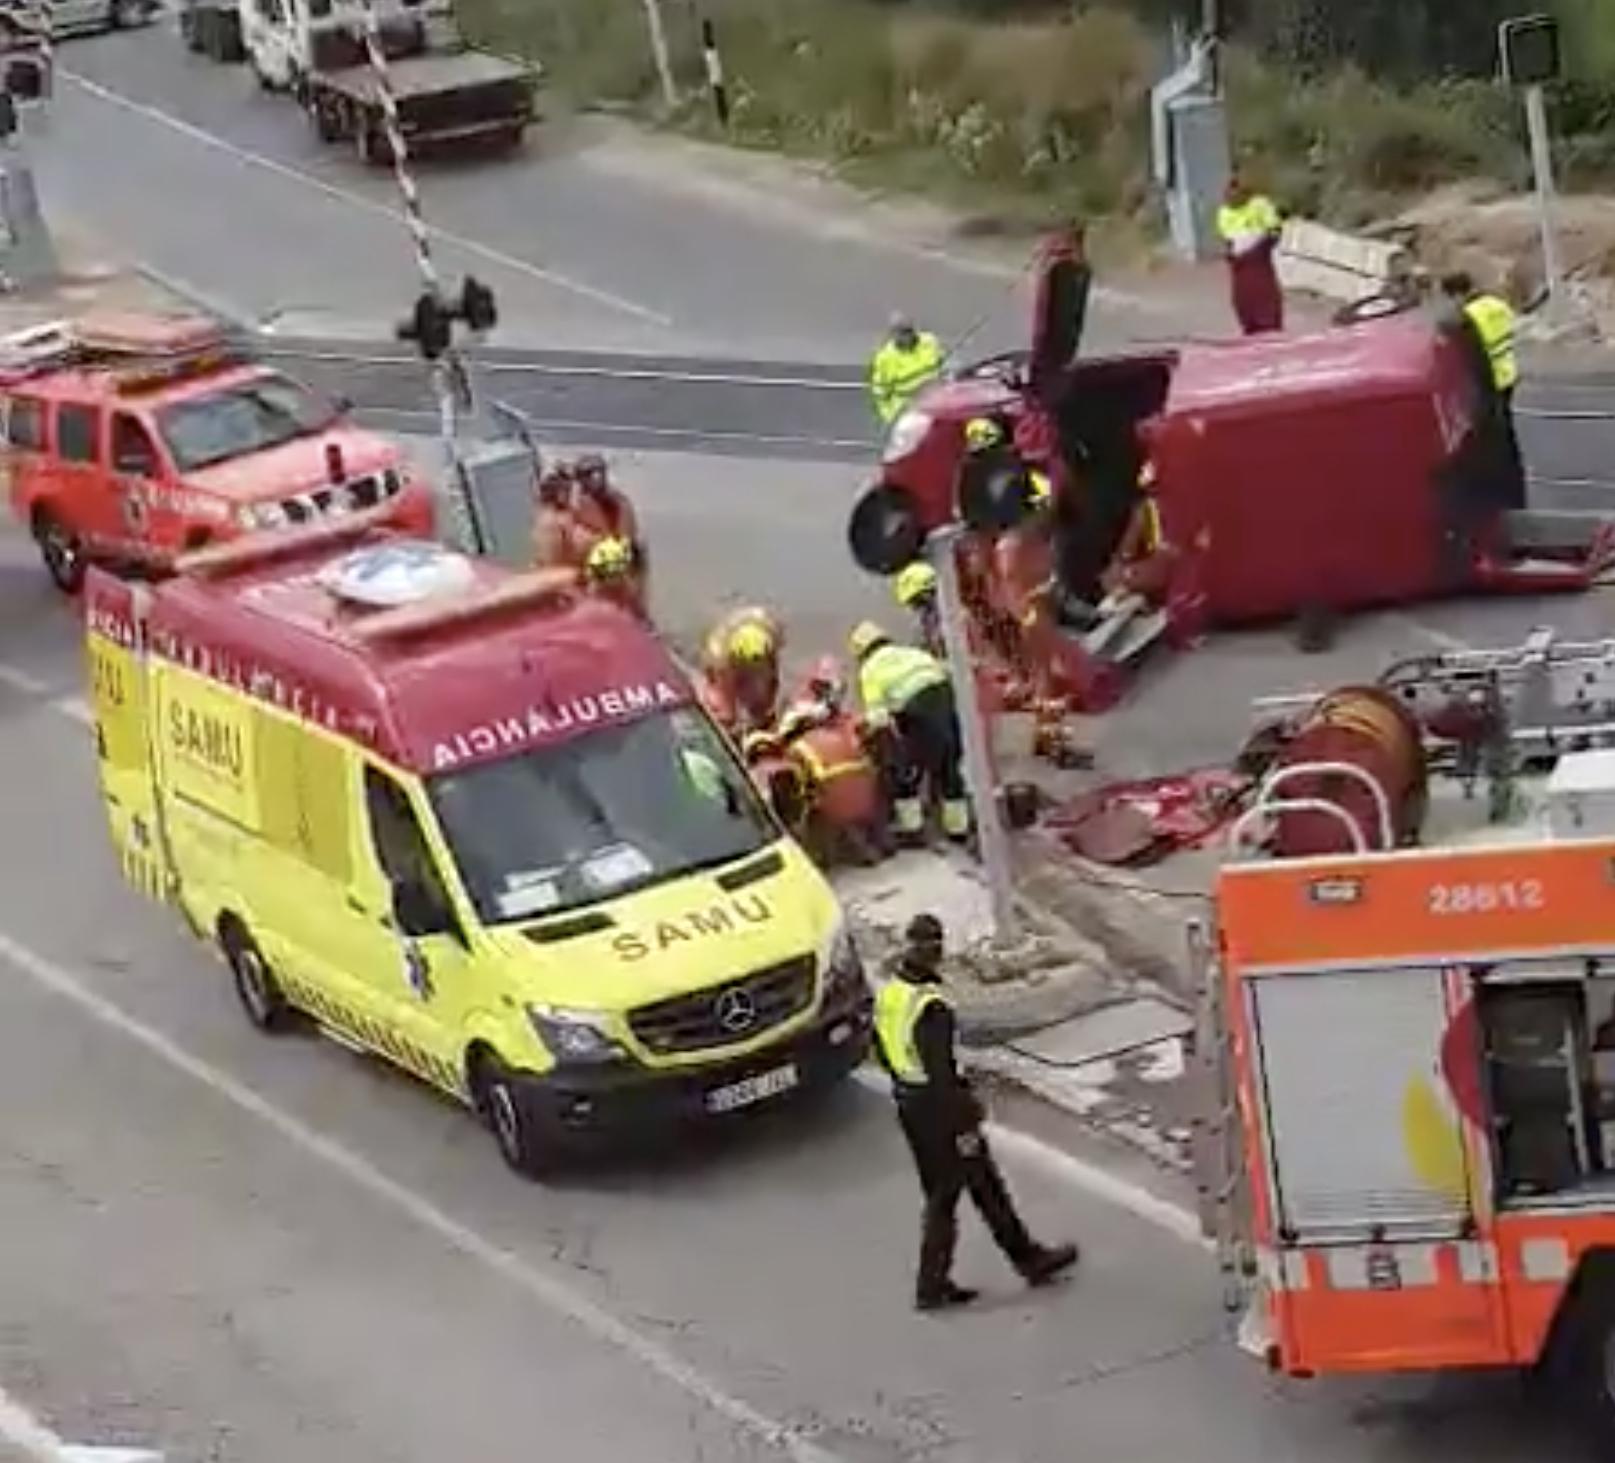 Tareas de rescate dfe los bomberos en el paso a nivel de Chiva.